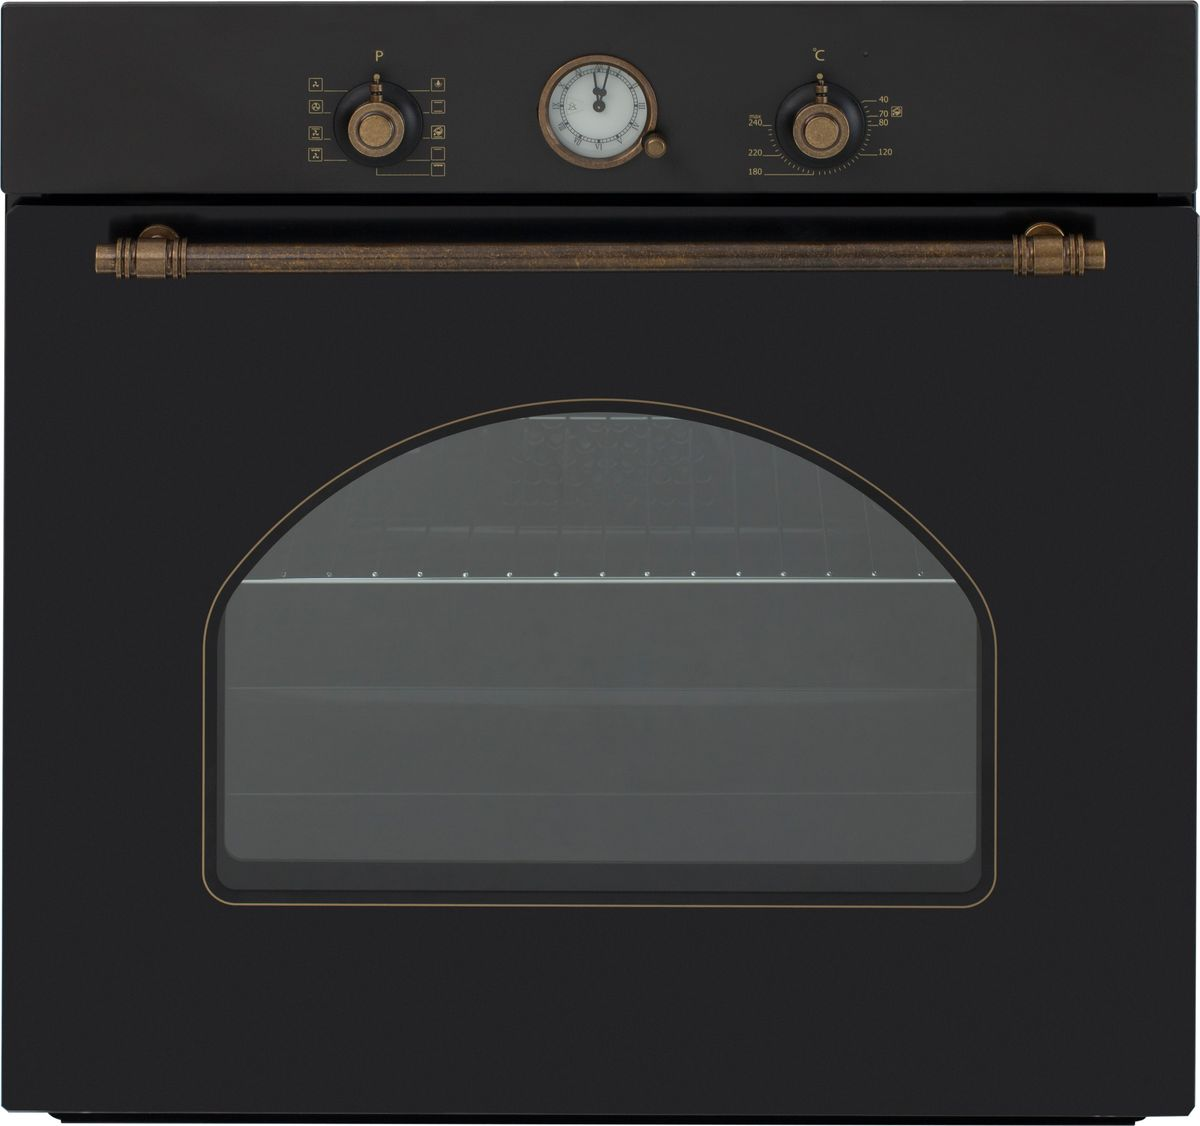 Электрический духовой шкаф встраиваемый Simfer B6EL77017, Black электрический духовой шкаф simfer b6eo77017